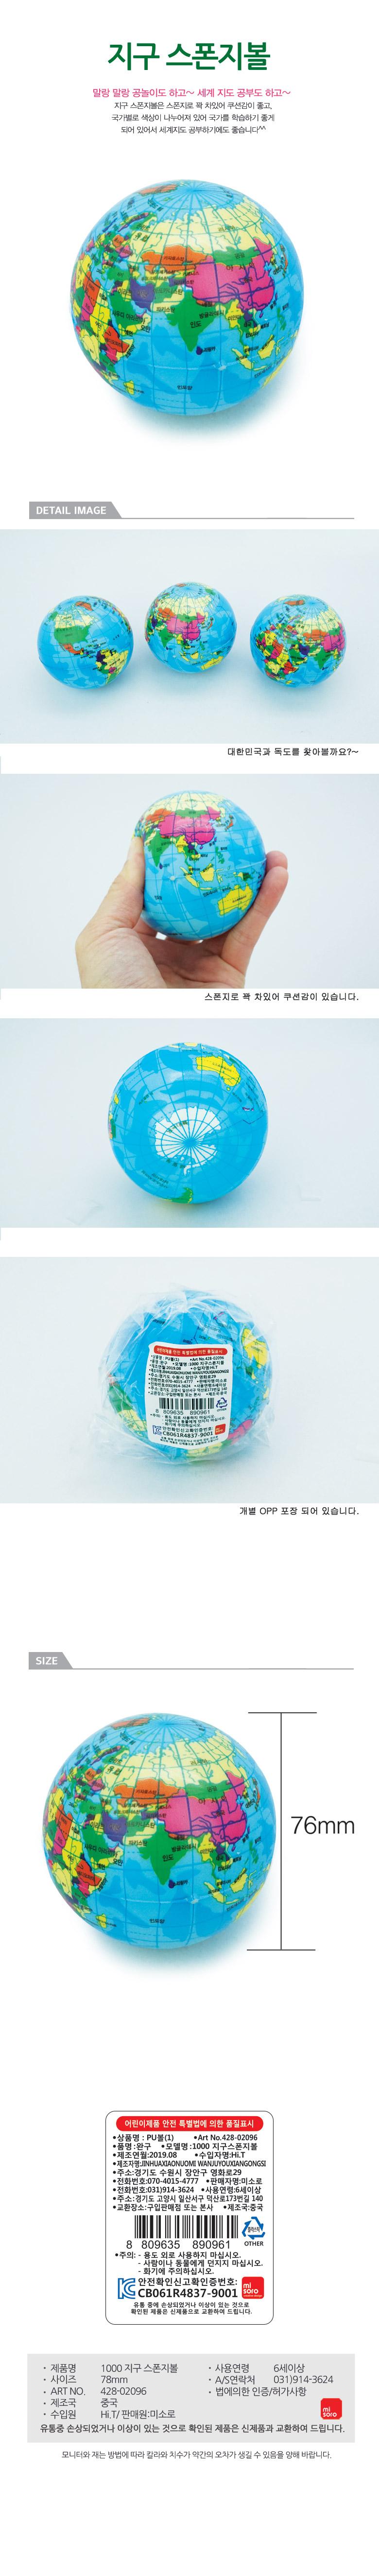 1000 지구 스폰지볼 2096 - 미소로, 1,000원, 기타 구기운동, 기타 구기용품